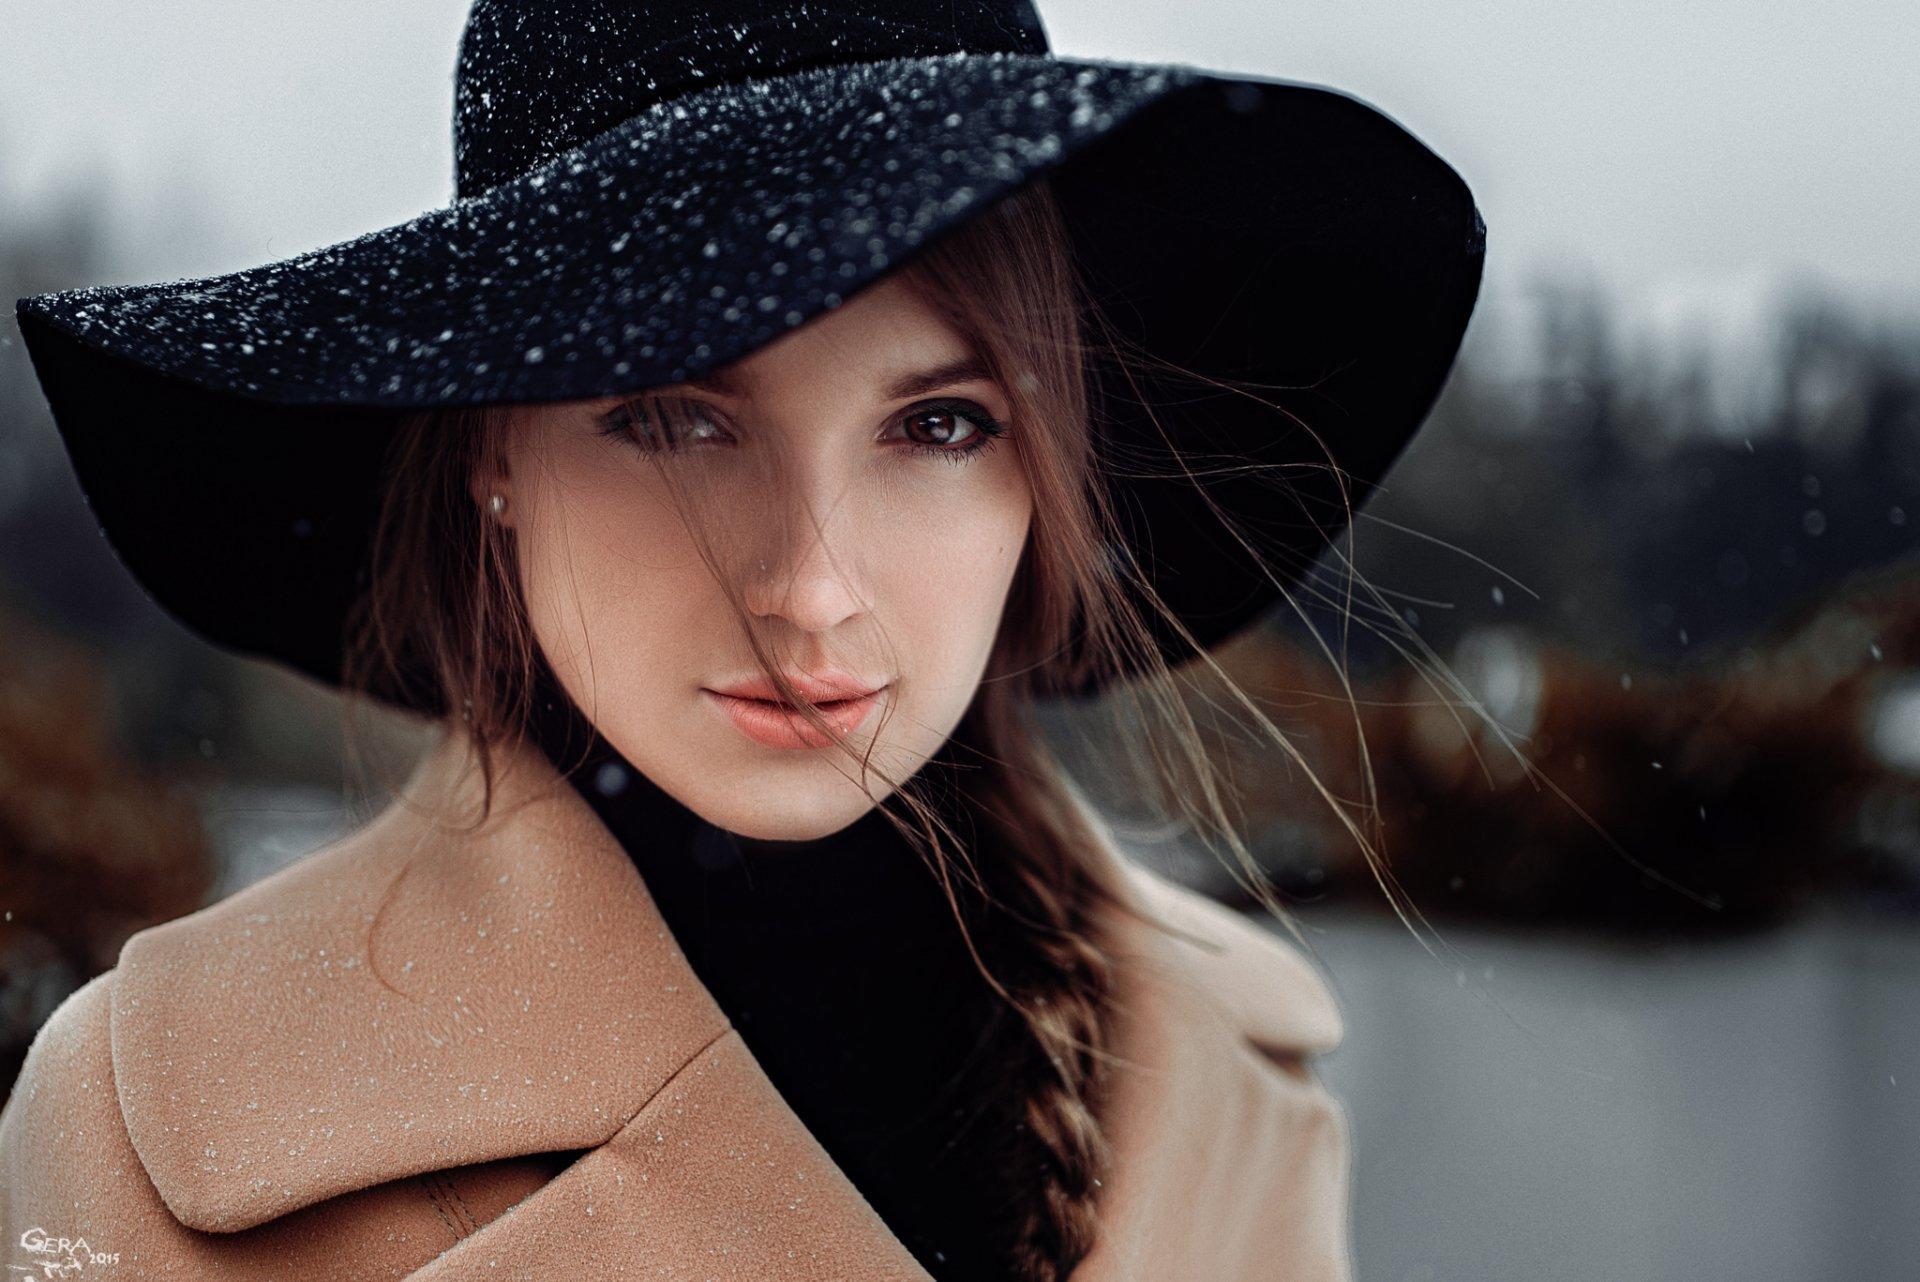 Women - Model  Woman Braid Hat Brunette Brown Eyes Wallpaper